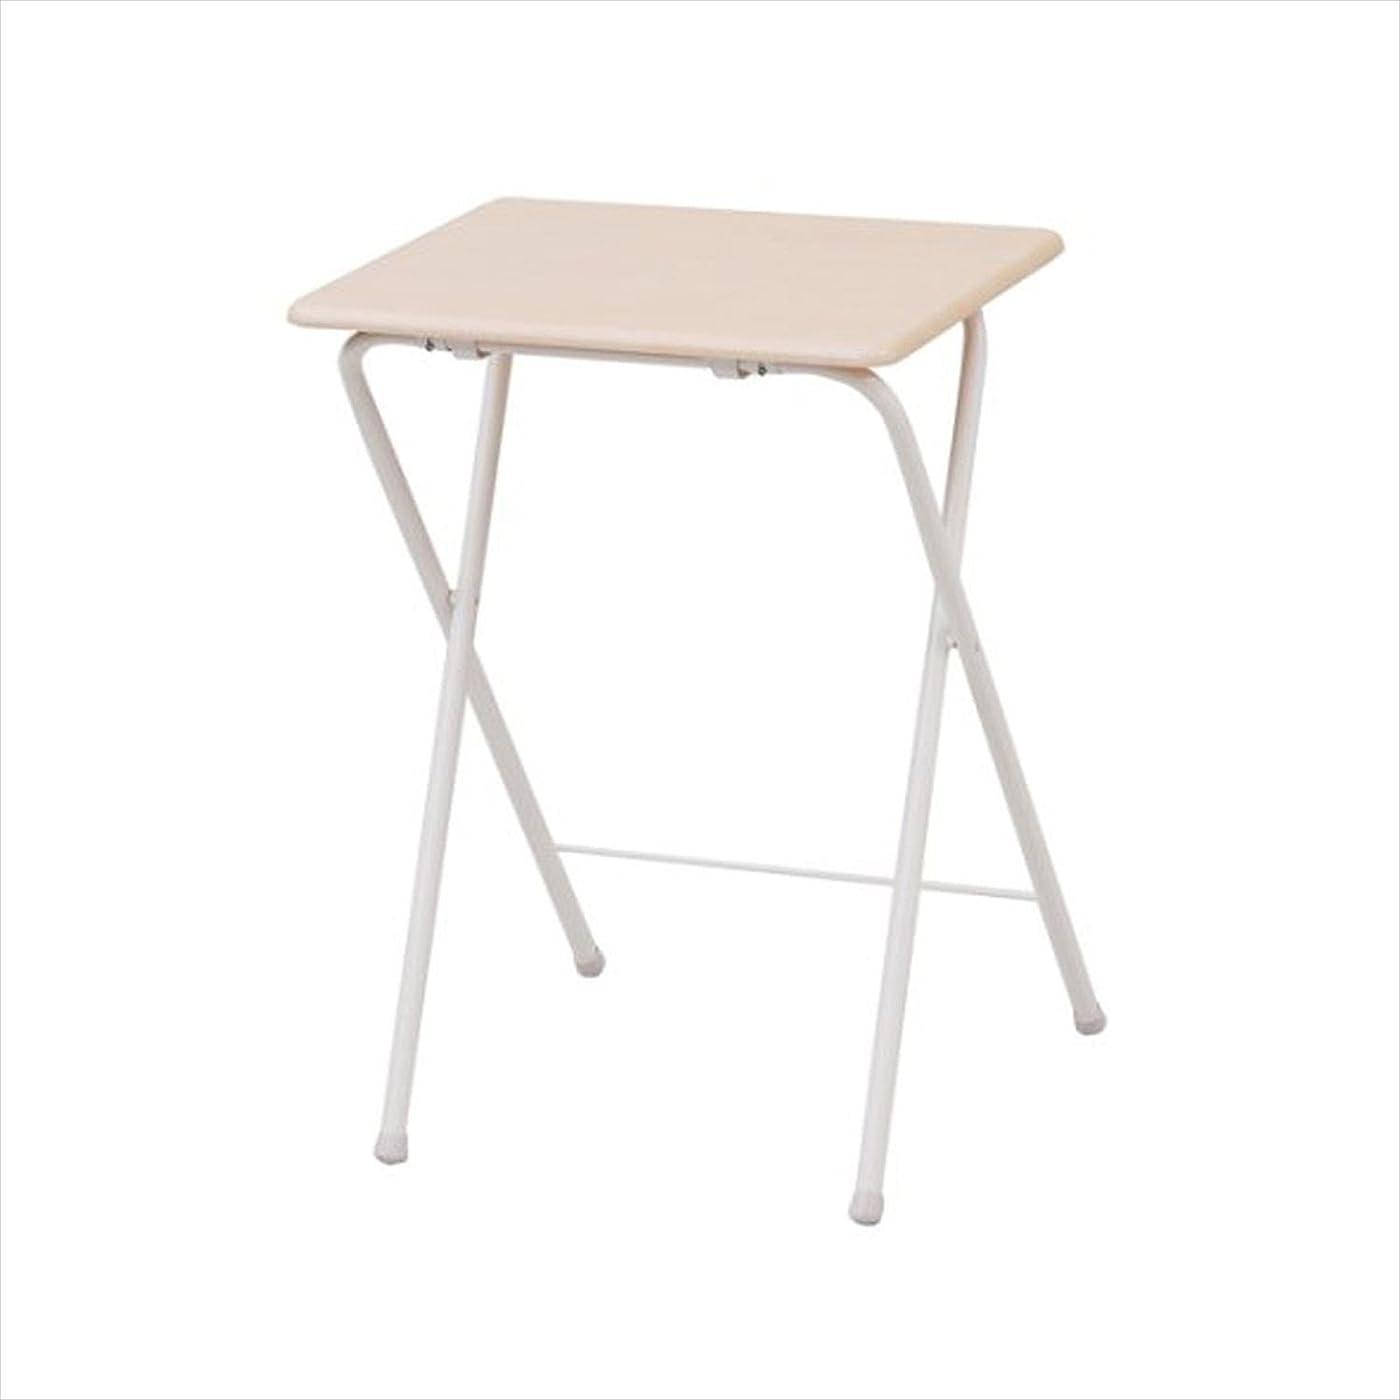 寺院一晩成熟した山善(YAMAZEN) テーブル ミニ 折りたたみ式 サイドテーブル 幅50×奥行48×高さ70cm ハイタイプ ナチュラルメイプル/アイボリー YST-5040H(NM/IV)